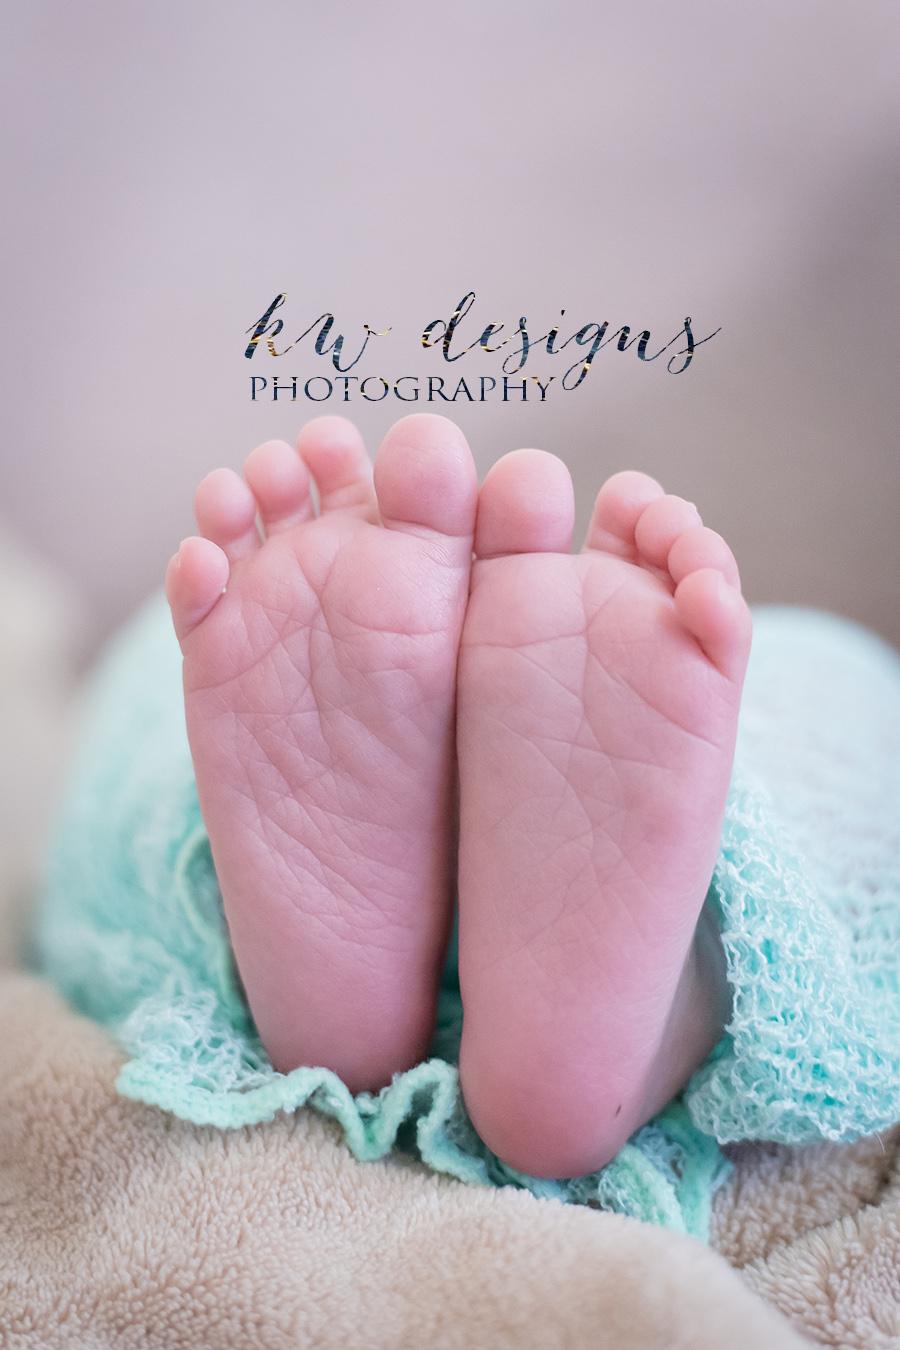 KW Designs Photo Newborn